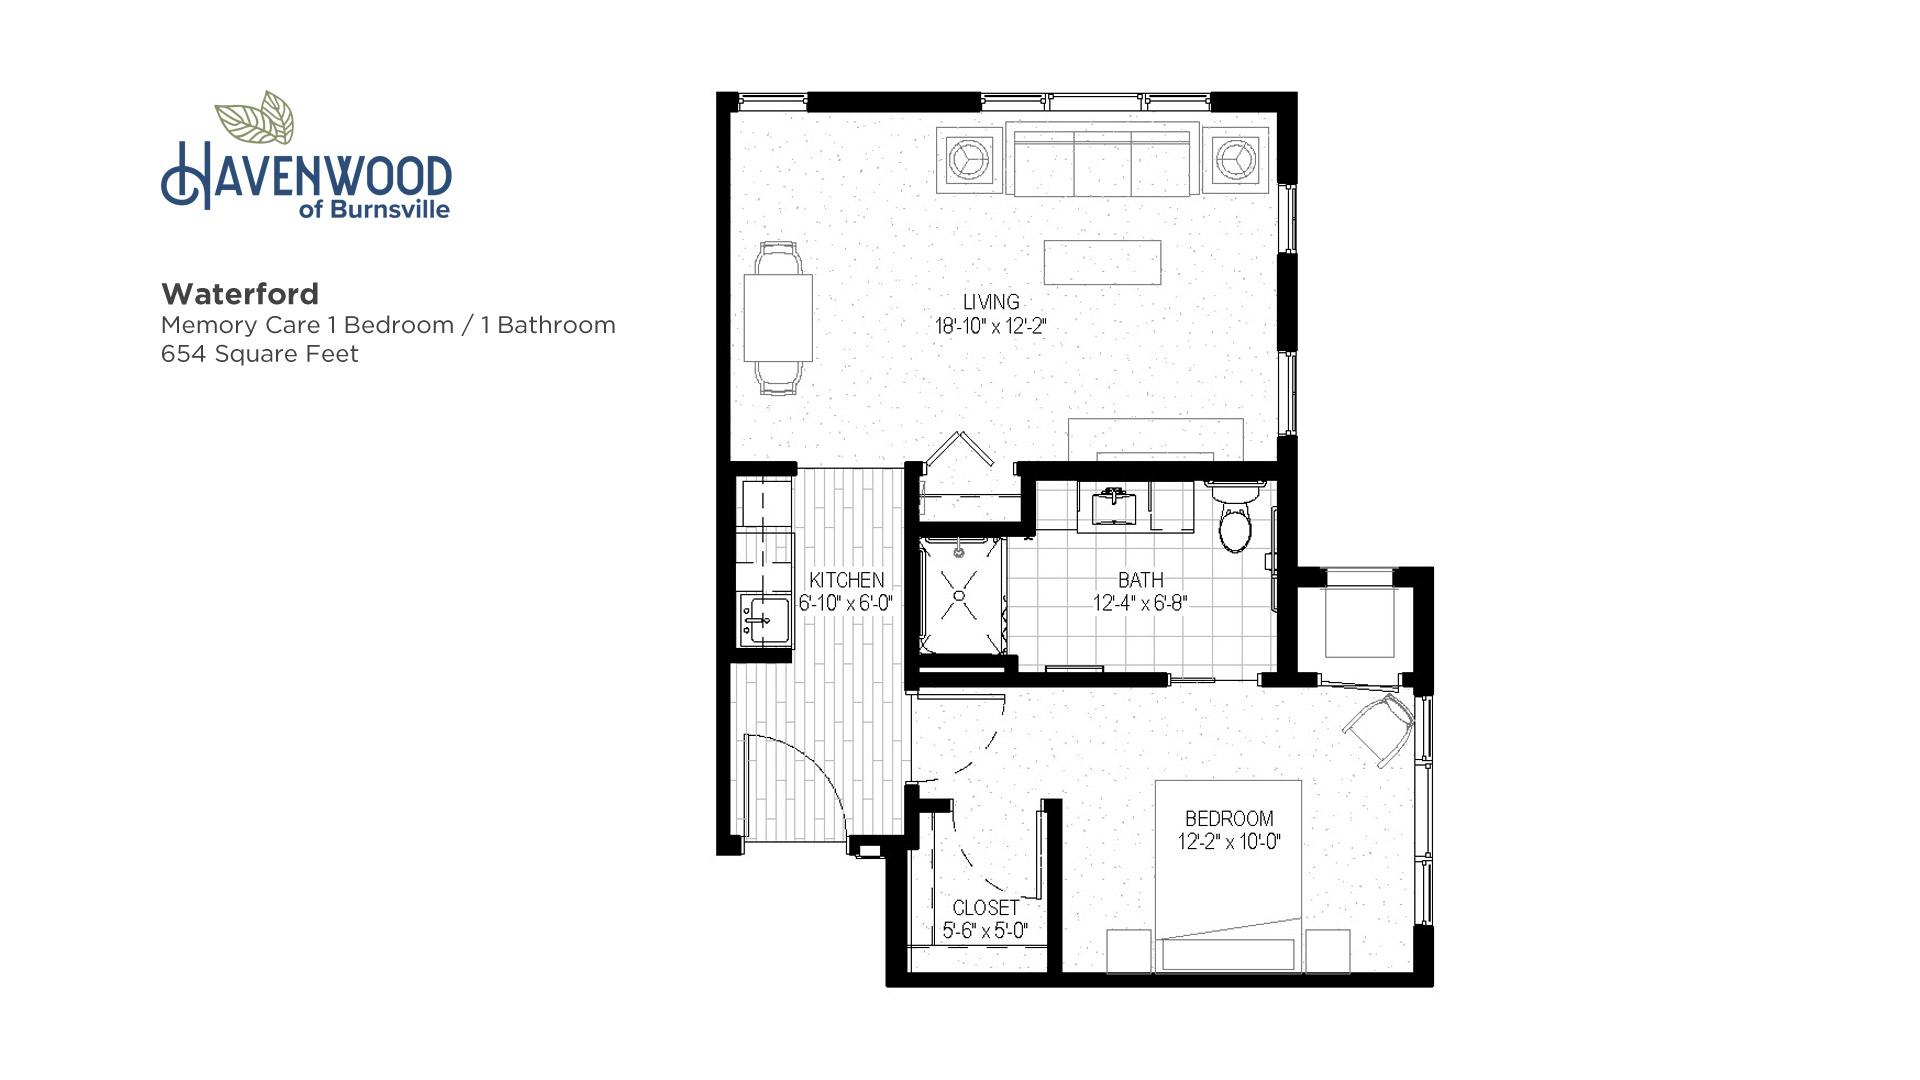 Havenwood of Burnsville Waterford Floor Plan